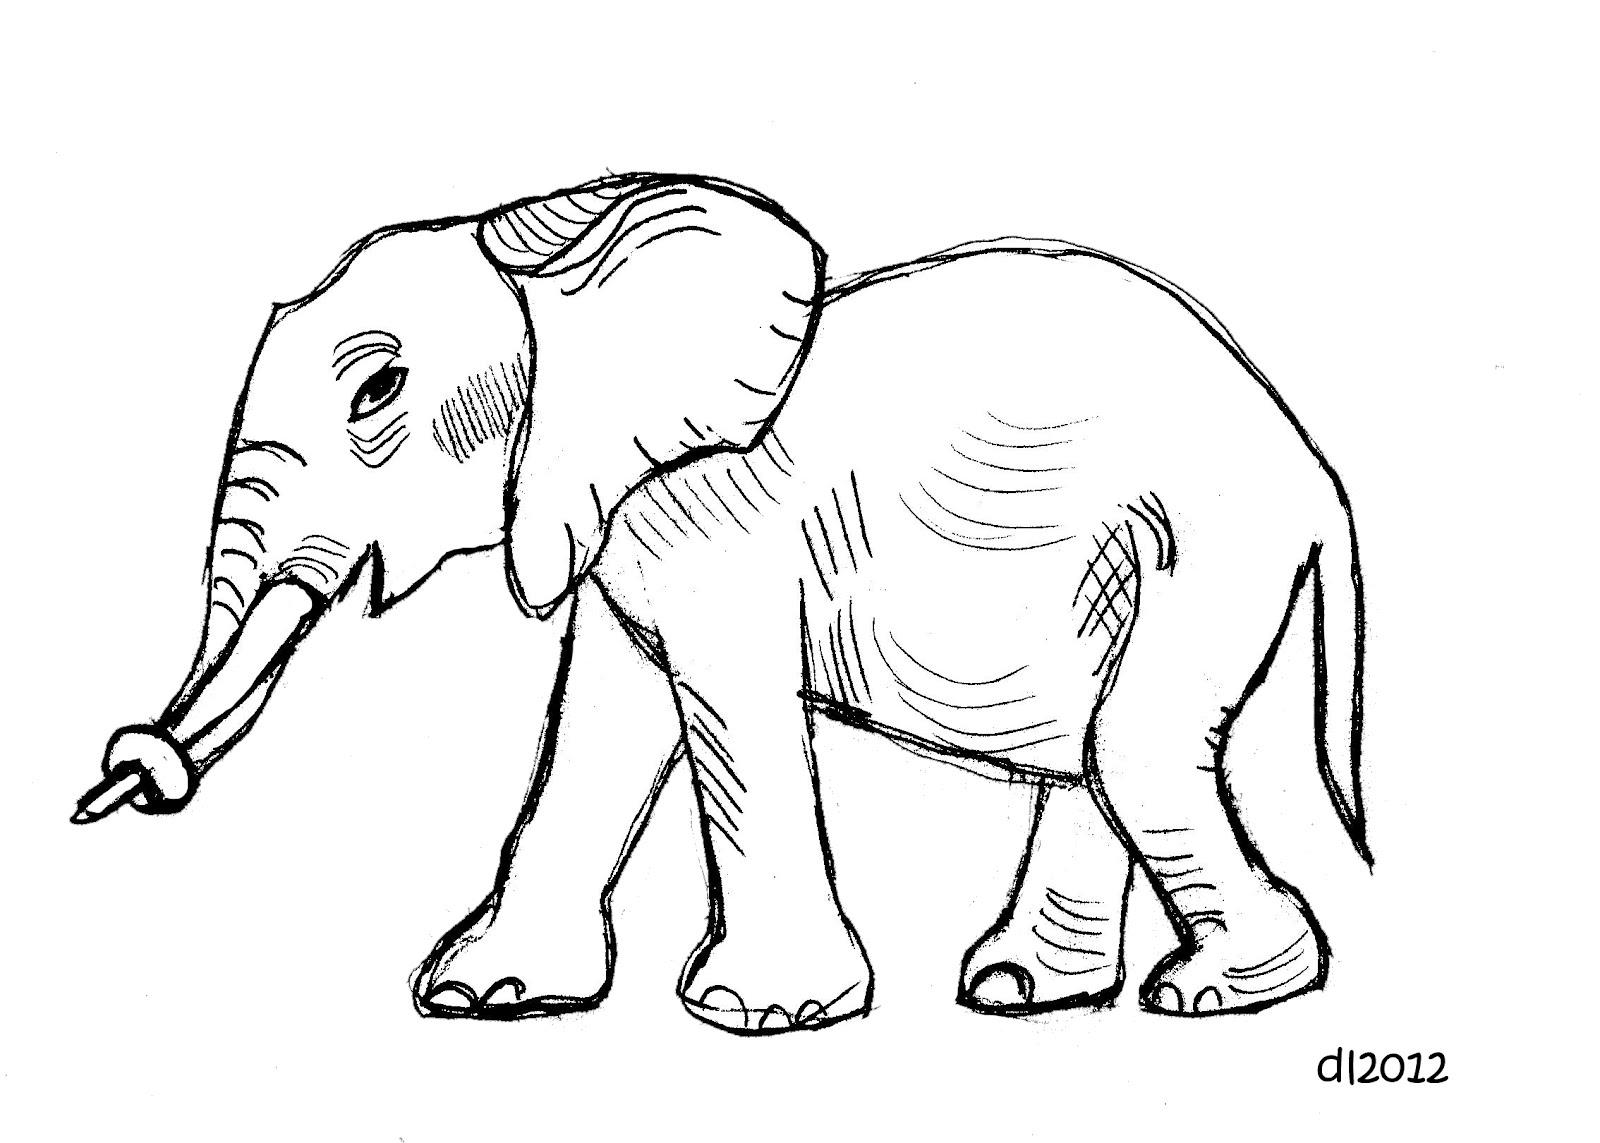 http://2.bp.blogspot.com/-dYcmLYPlUK0/UF1ybeFFM5I/AAAAAAAAA3E/4YQCGCrmBHo/s1600/elephant.jpg